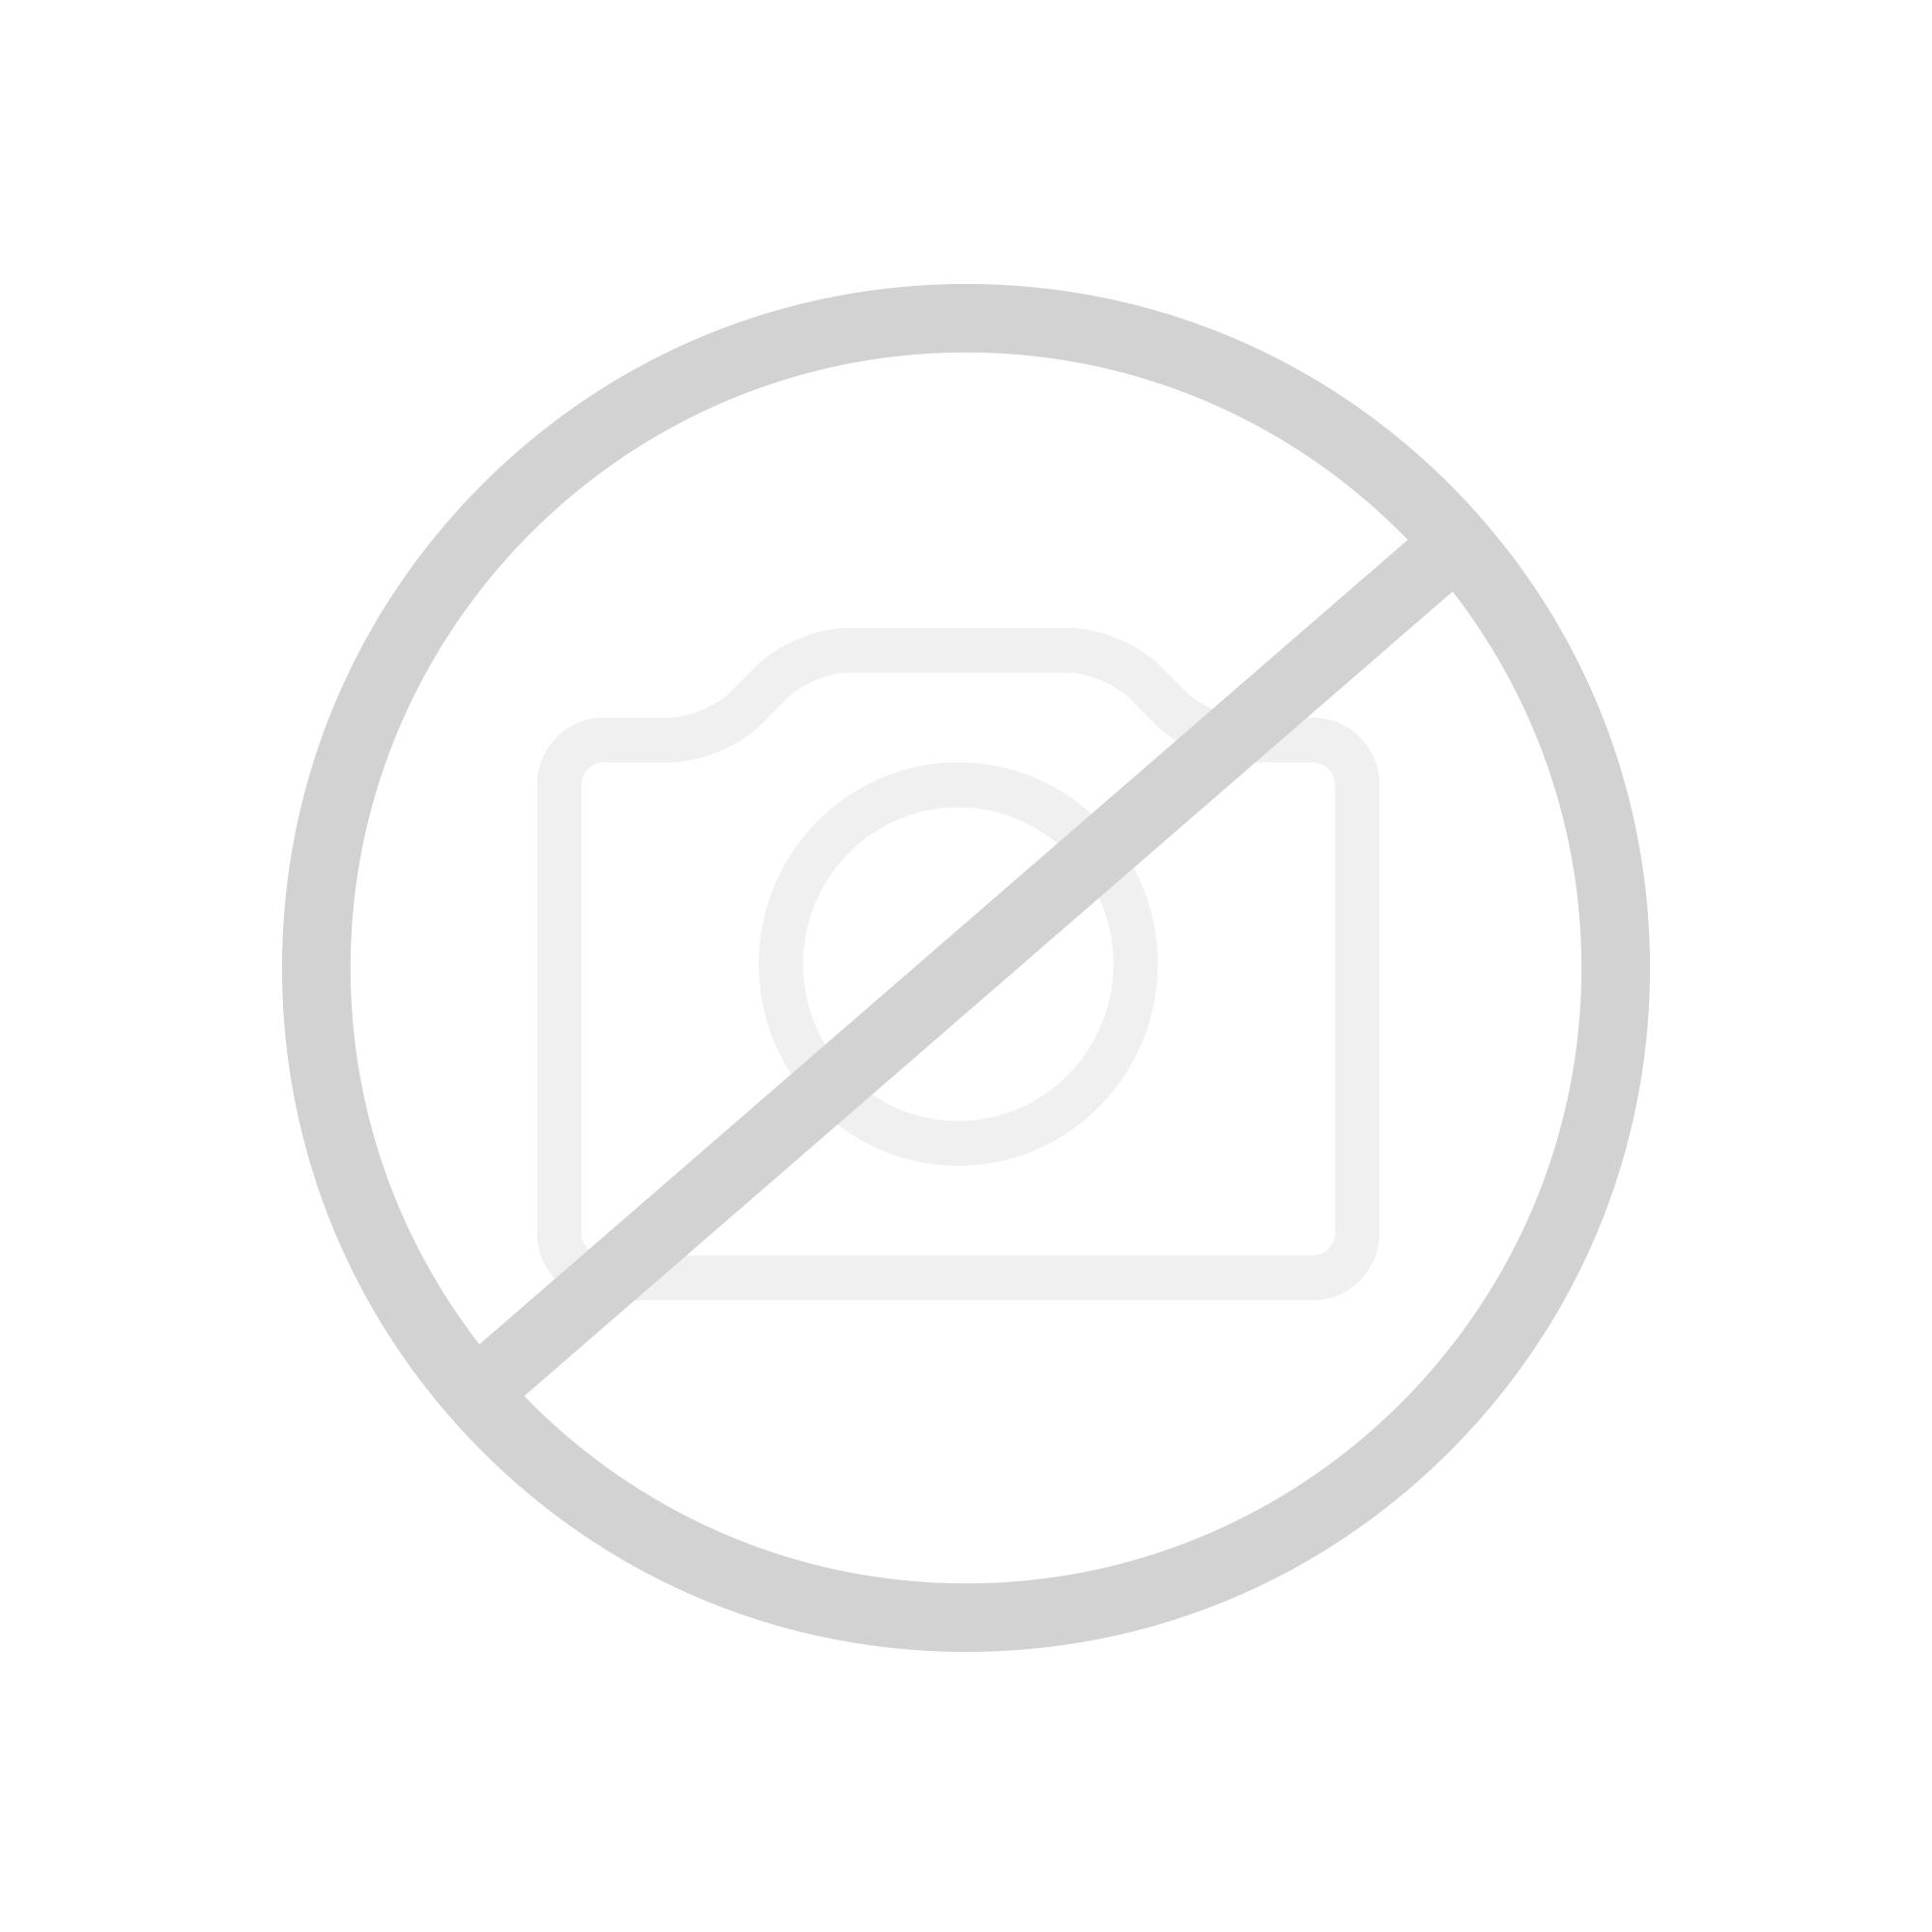 antoniolupi PANTA REI Top mit 2 integrierten SEGNO 72 Becken weiß